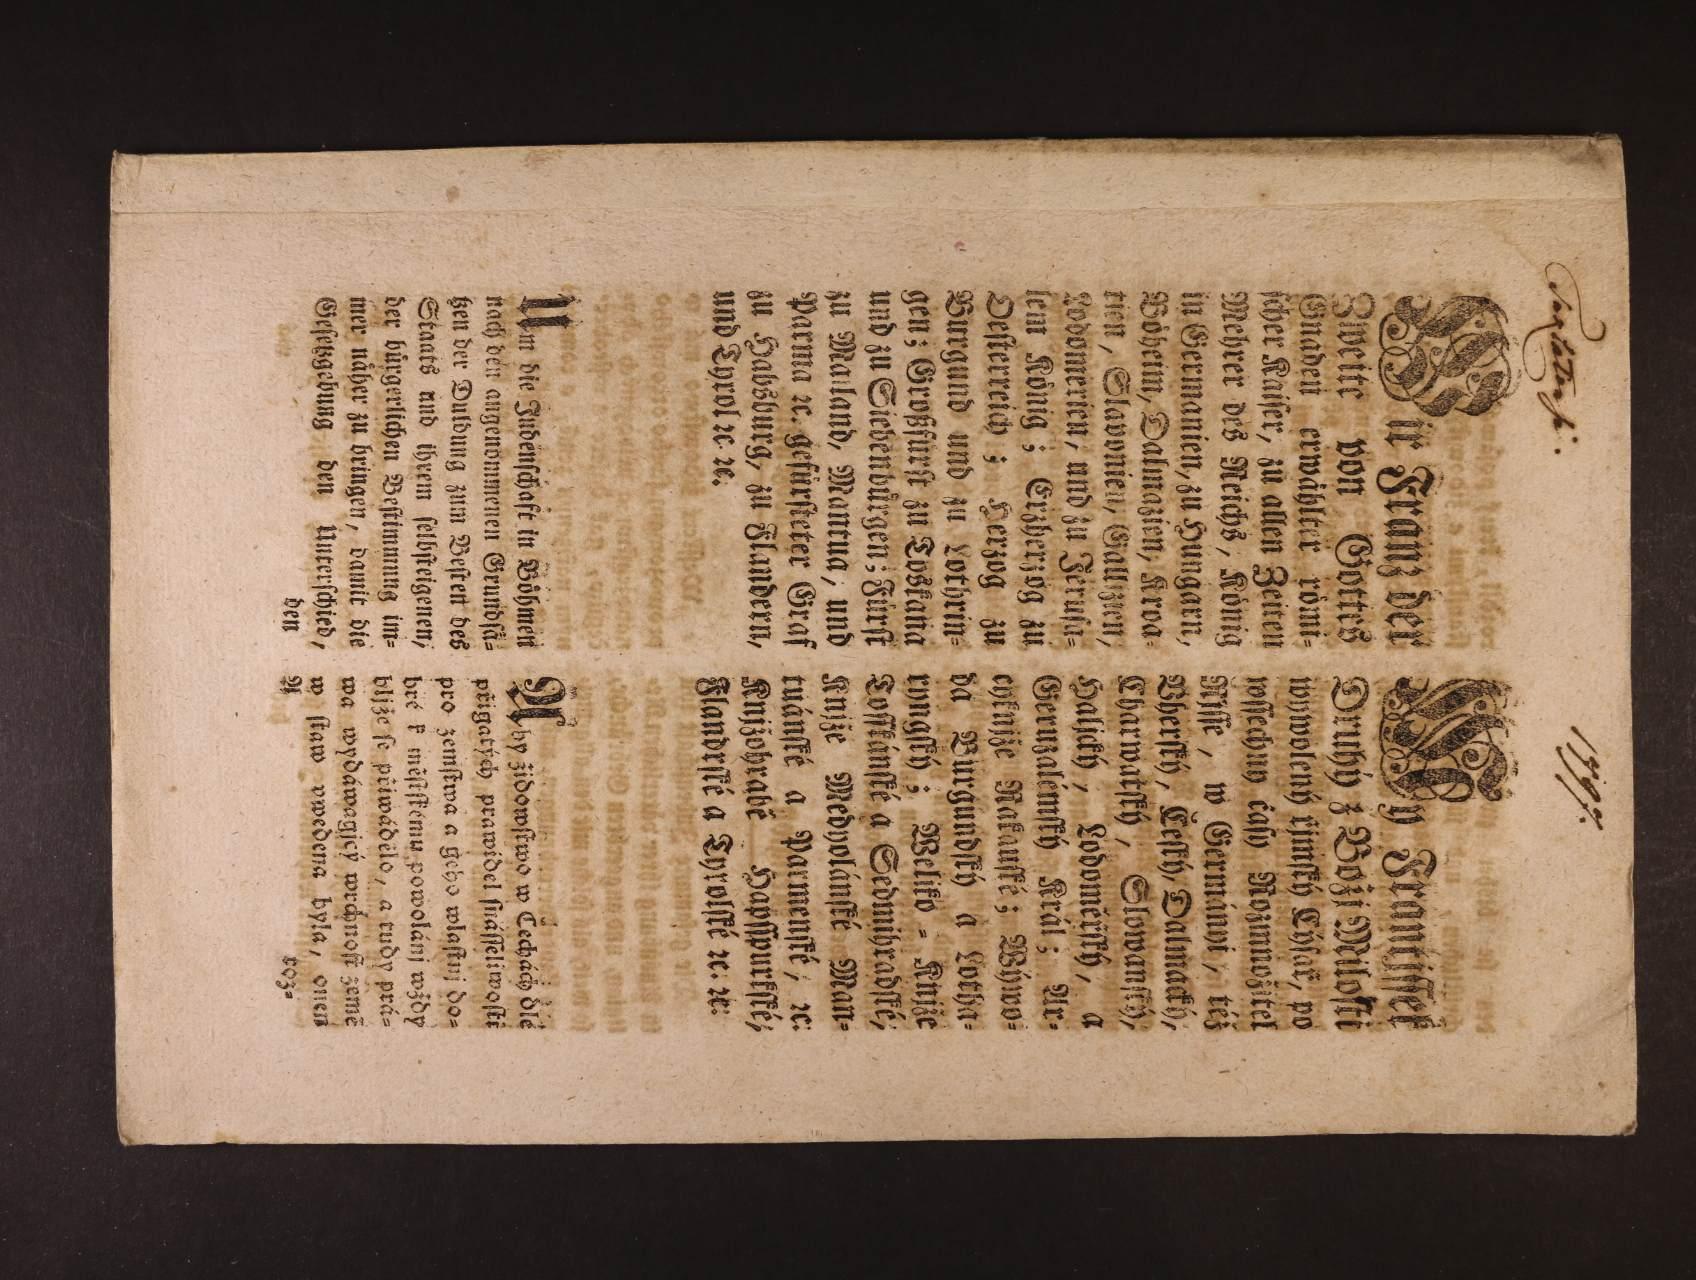 sestava 6 ks různých cirkulářů a vyhlášek z let 1797 - 1812, mj. cirkulář Františka II. 1797 - pravidla spolužití pro židovské obyvatelstvo v zemích R-U, patent Františka I. ohledně daní, placení dluhů ... v německých dědičných zemích